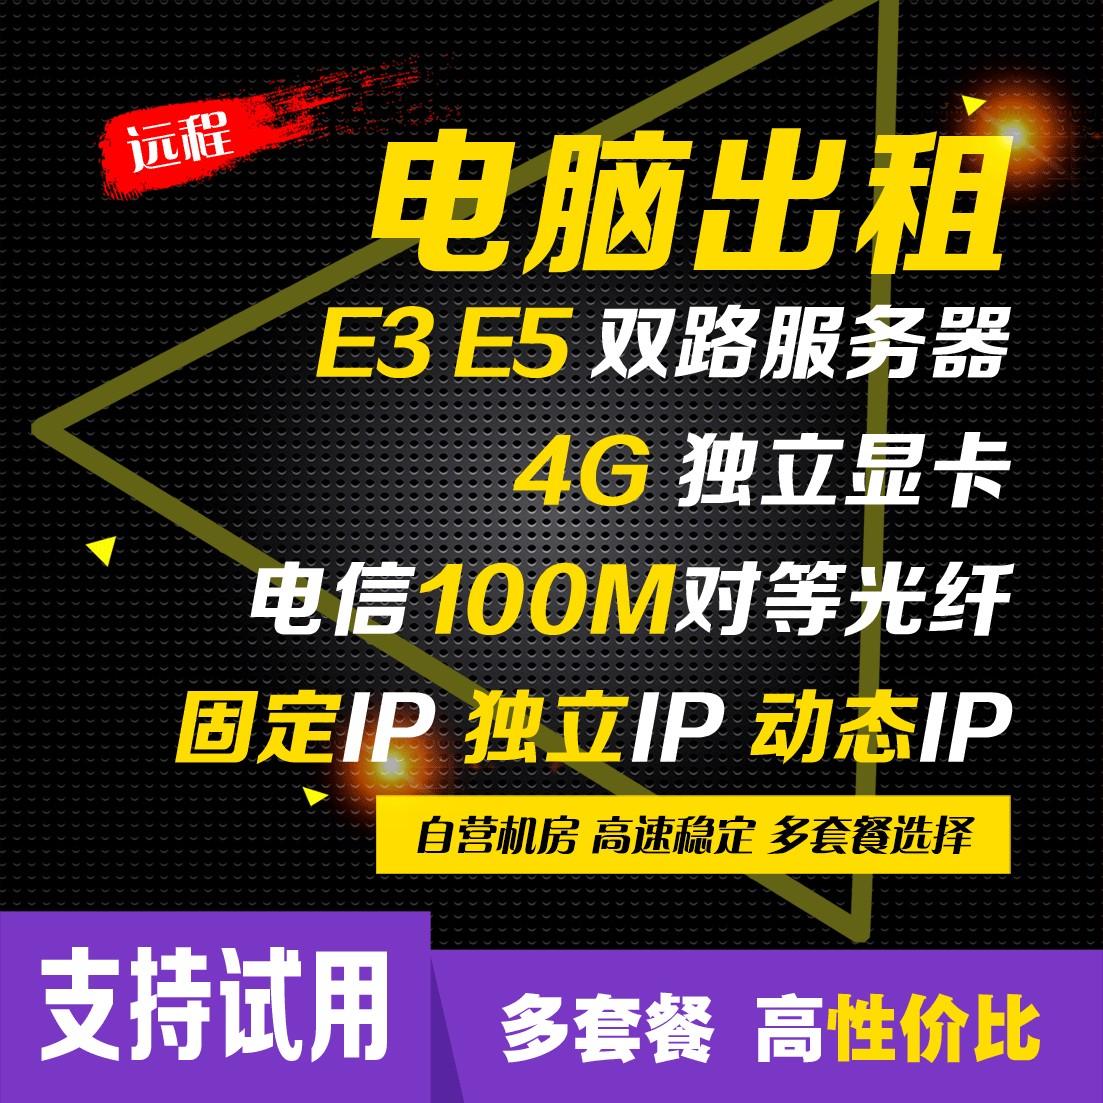 远程电脑出租低价E3E5双路服务器物理机租用游戏工作室模拟器多开